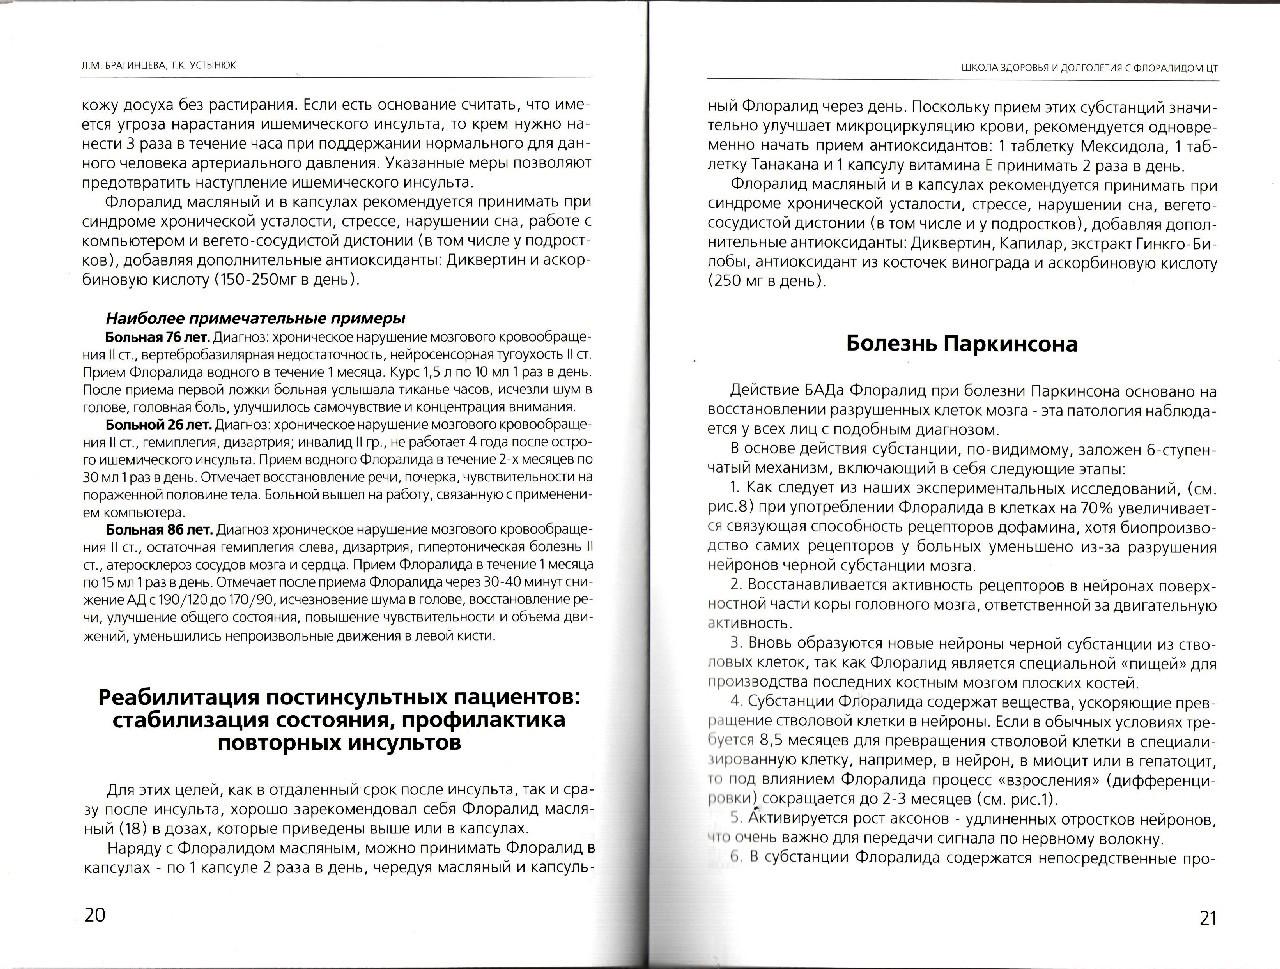 Фото Школа здоровья и долголетия с Флоралидом ЦТ профессора Л.М. Брагинцевой